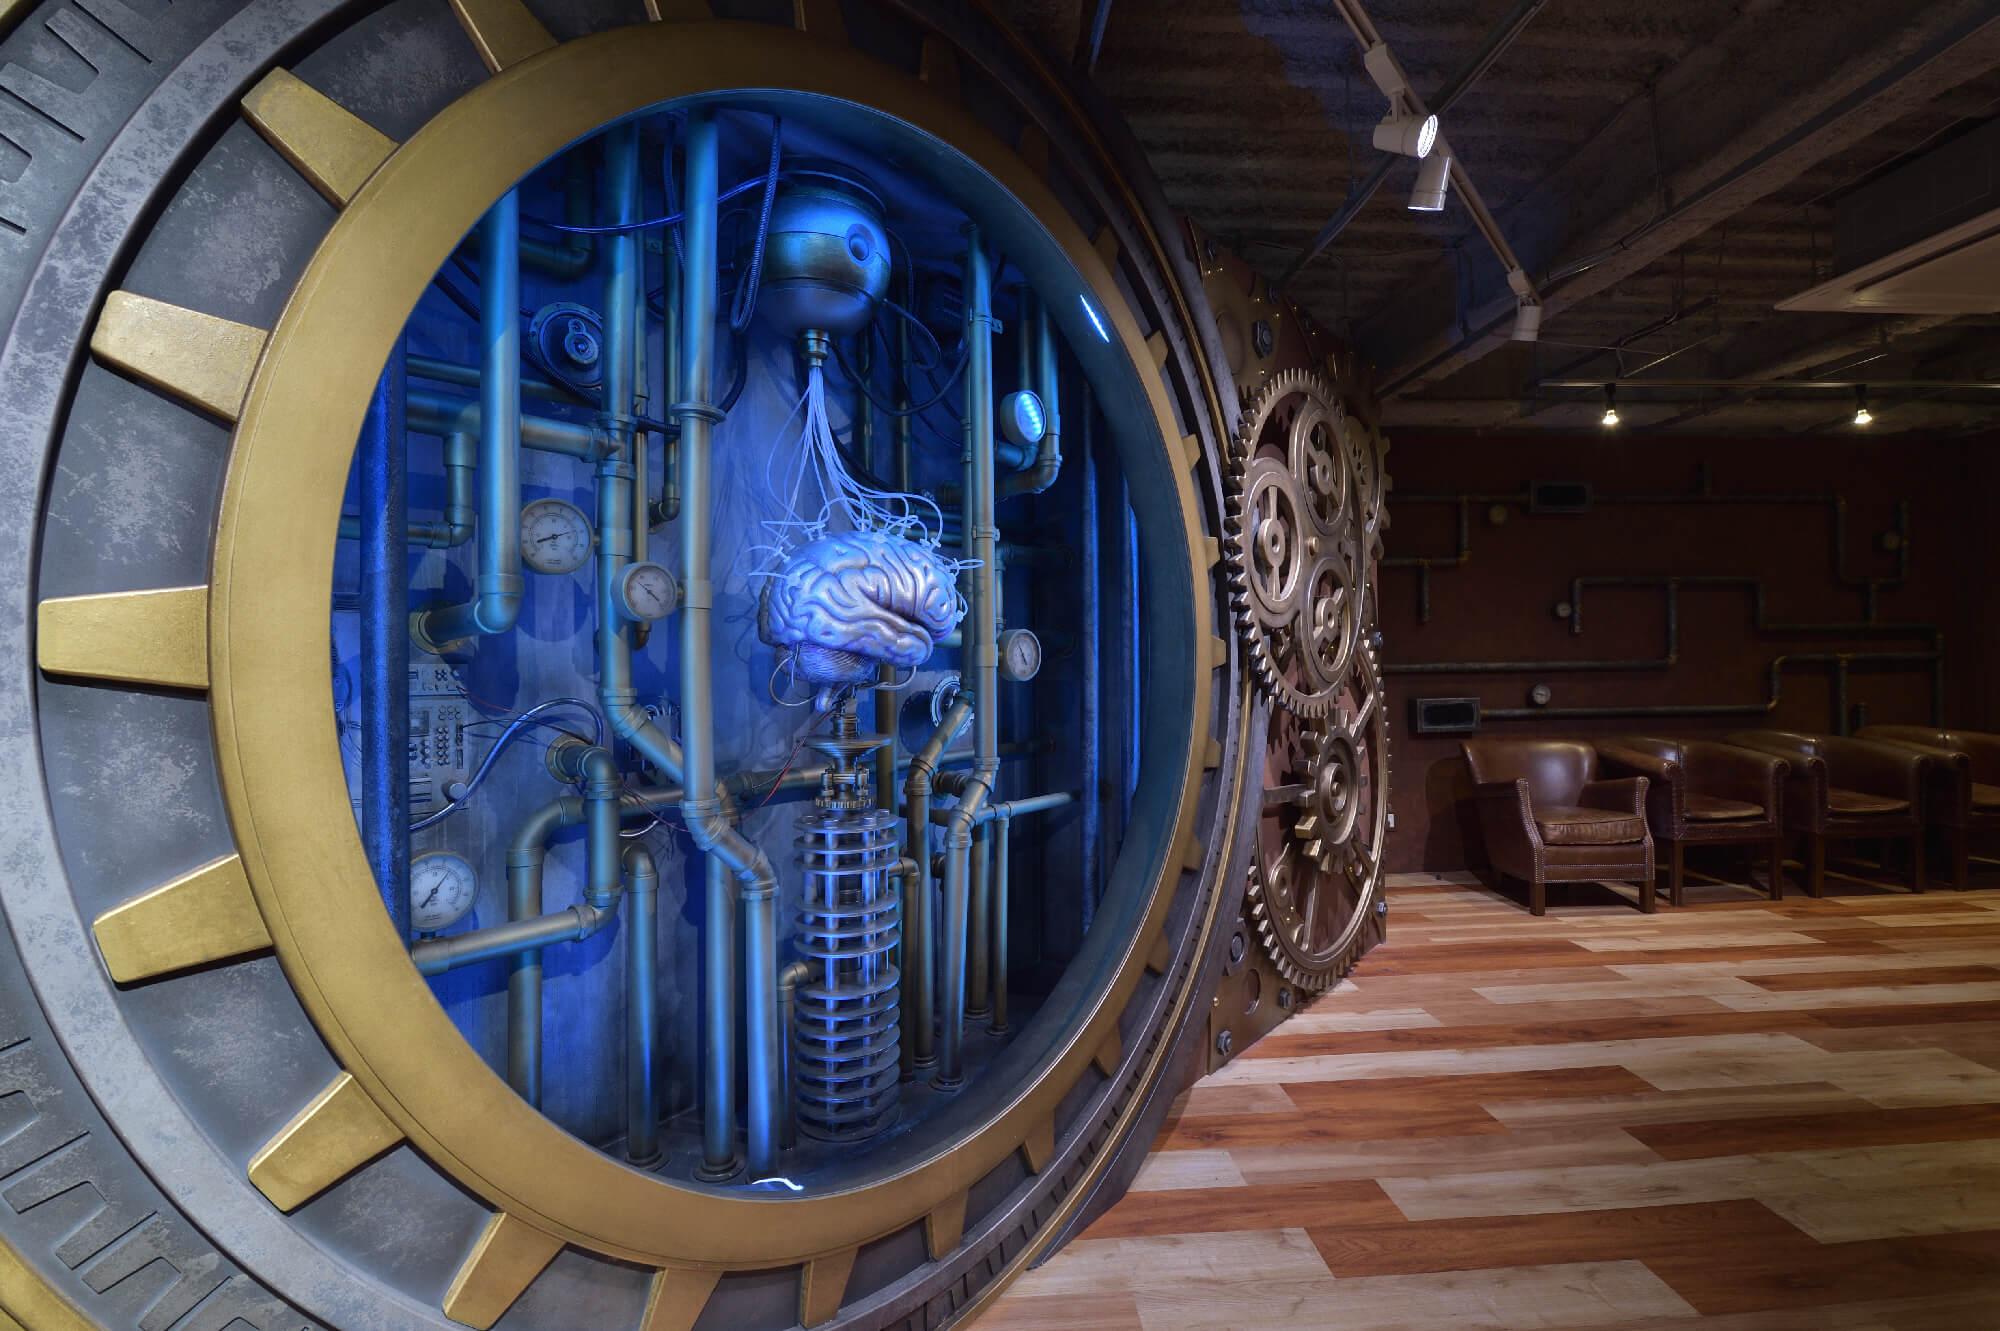 頭部按摩專門店「悟空的心情」於原宿開幕 在原宿、